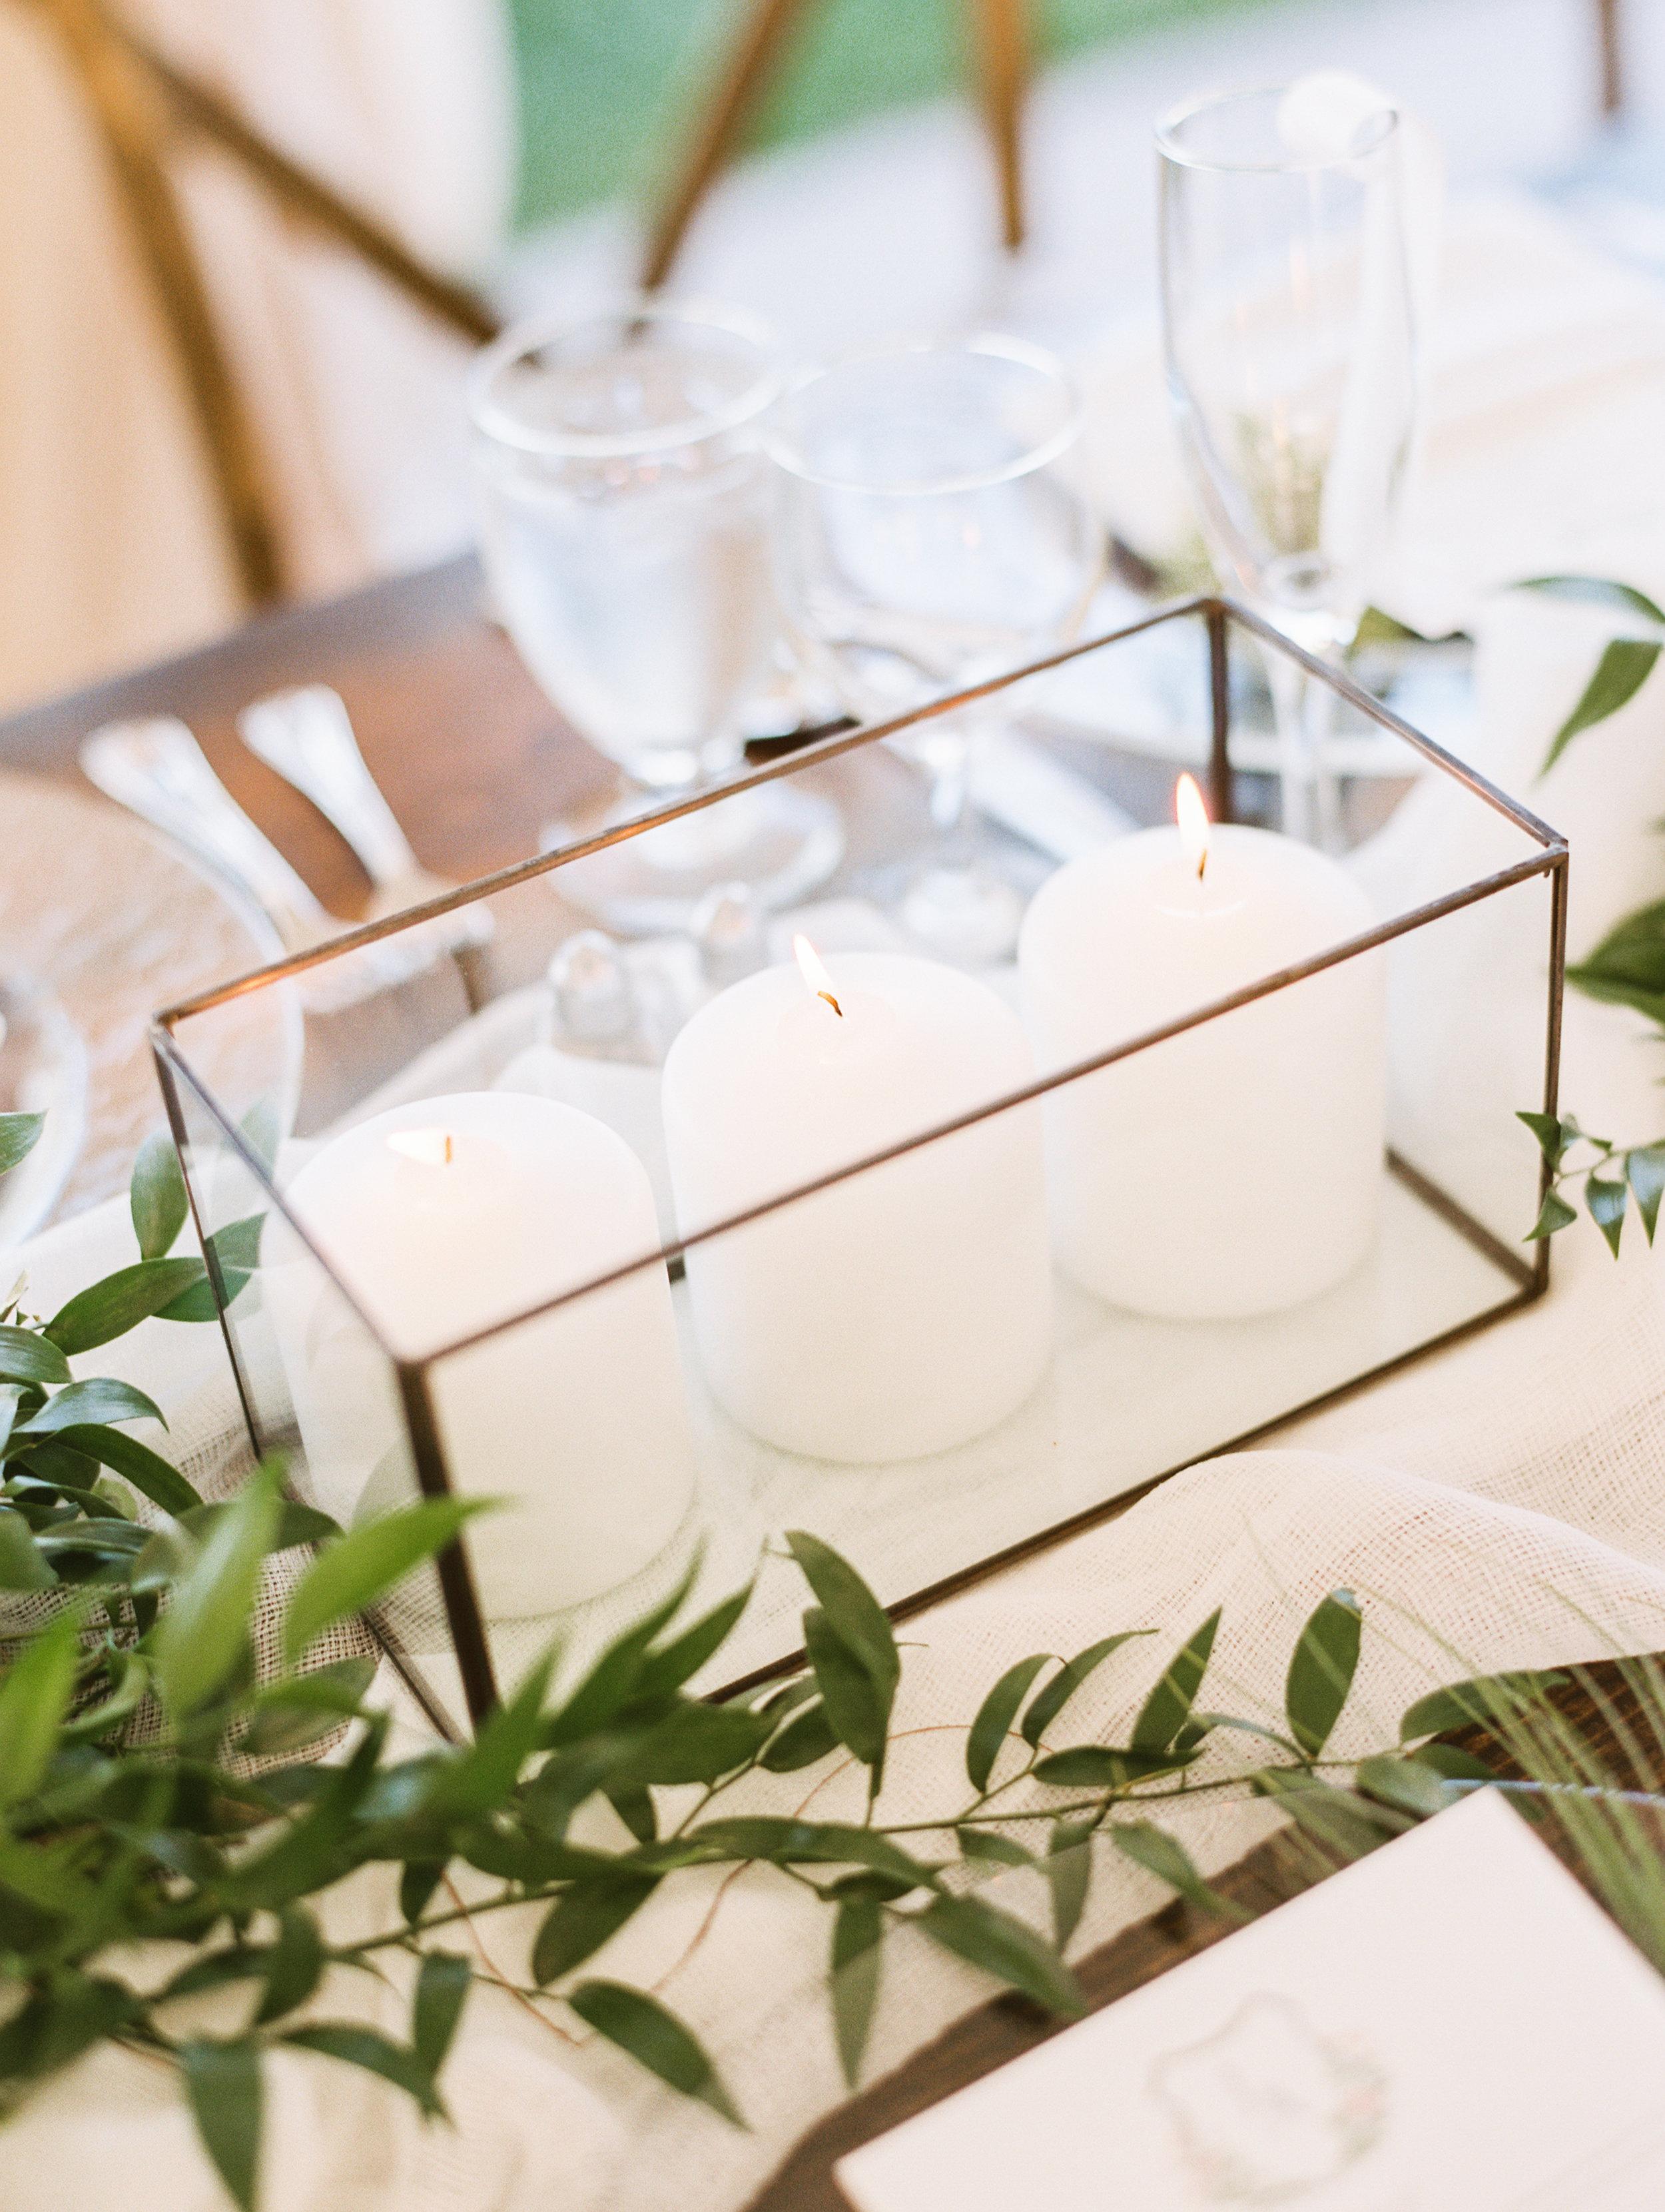 Steinlage+Wedding+Reception+Details-120.jpg